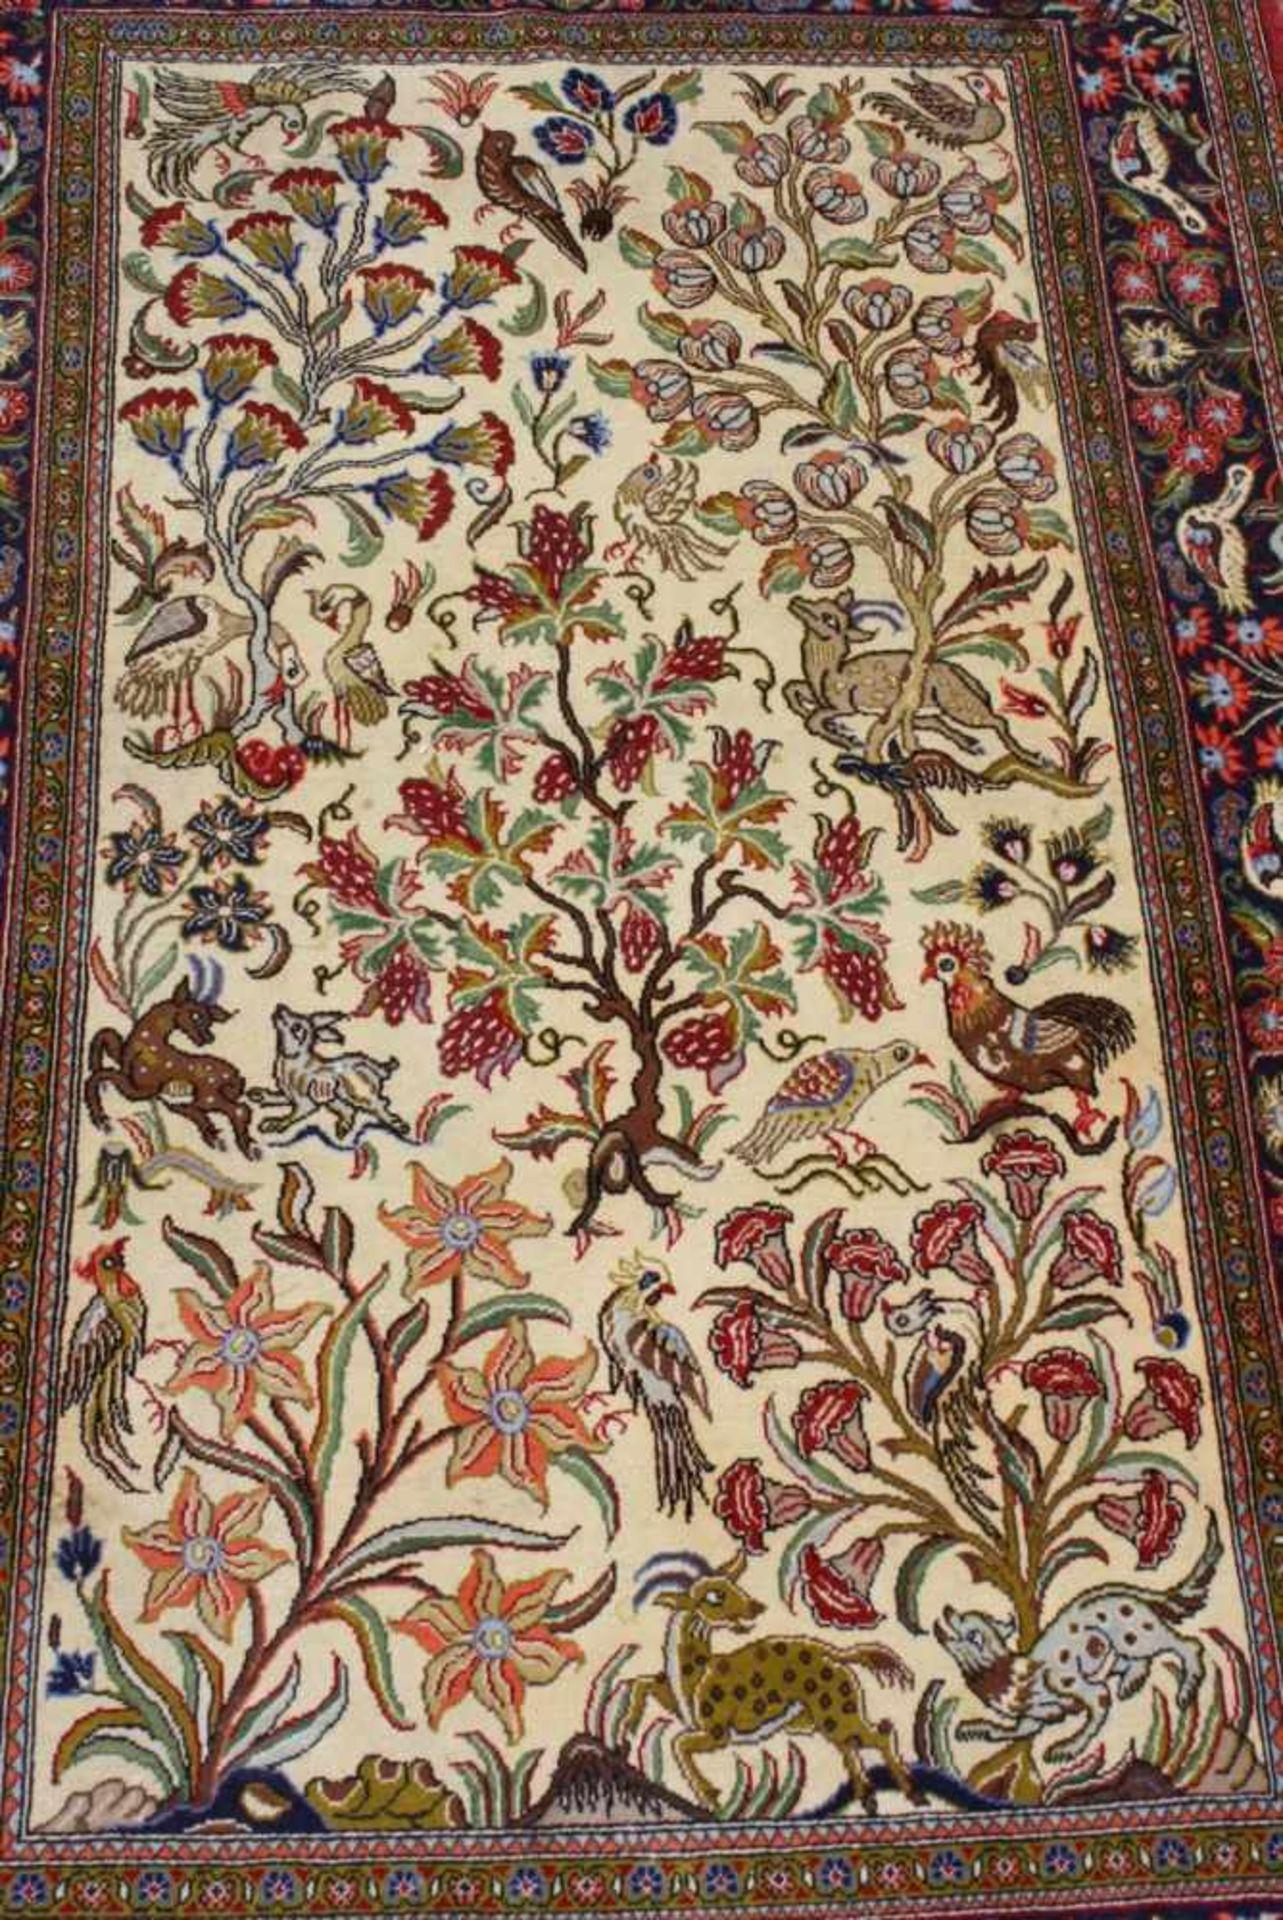 Ghom, Persien 2. Hälfte 20. Jh.Buntes Tier und Blumenmotiv, Wolle auf Wolle, ca. 105 x 167 cm - Bild 2 aus 3